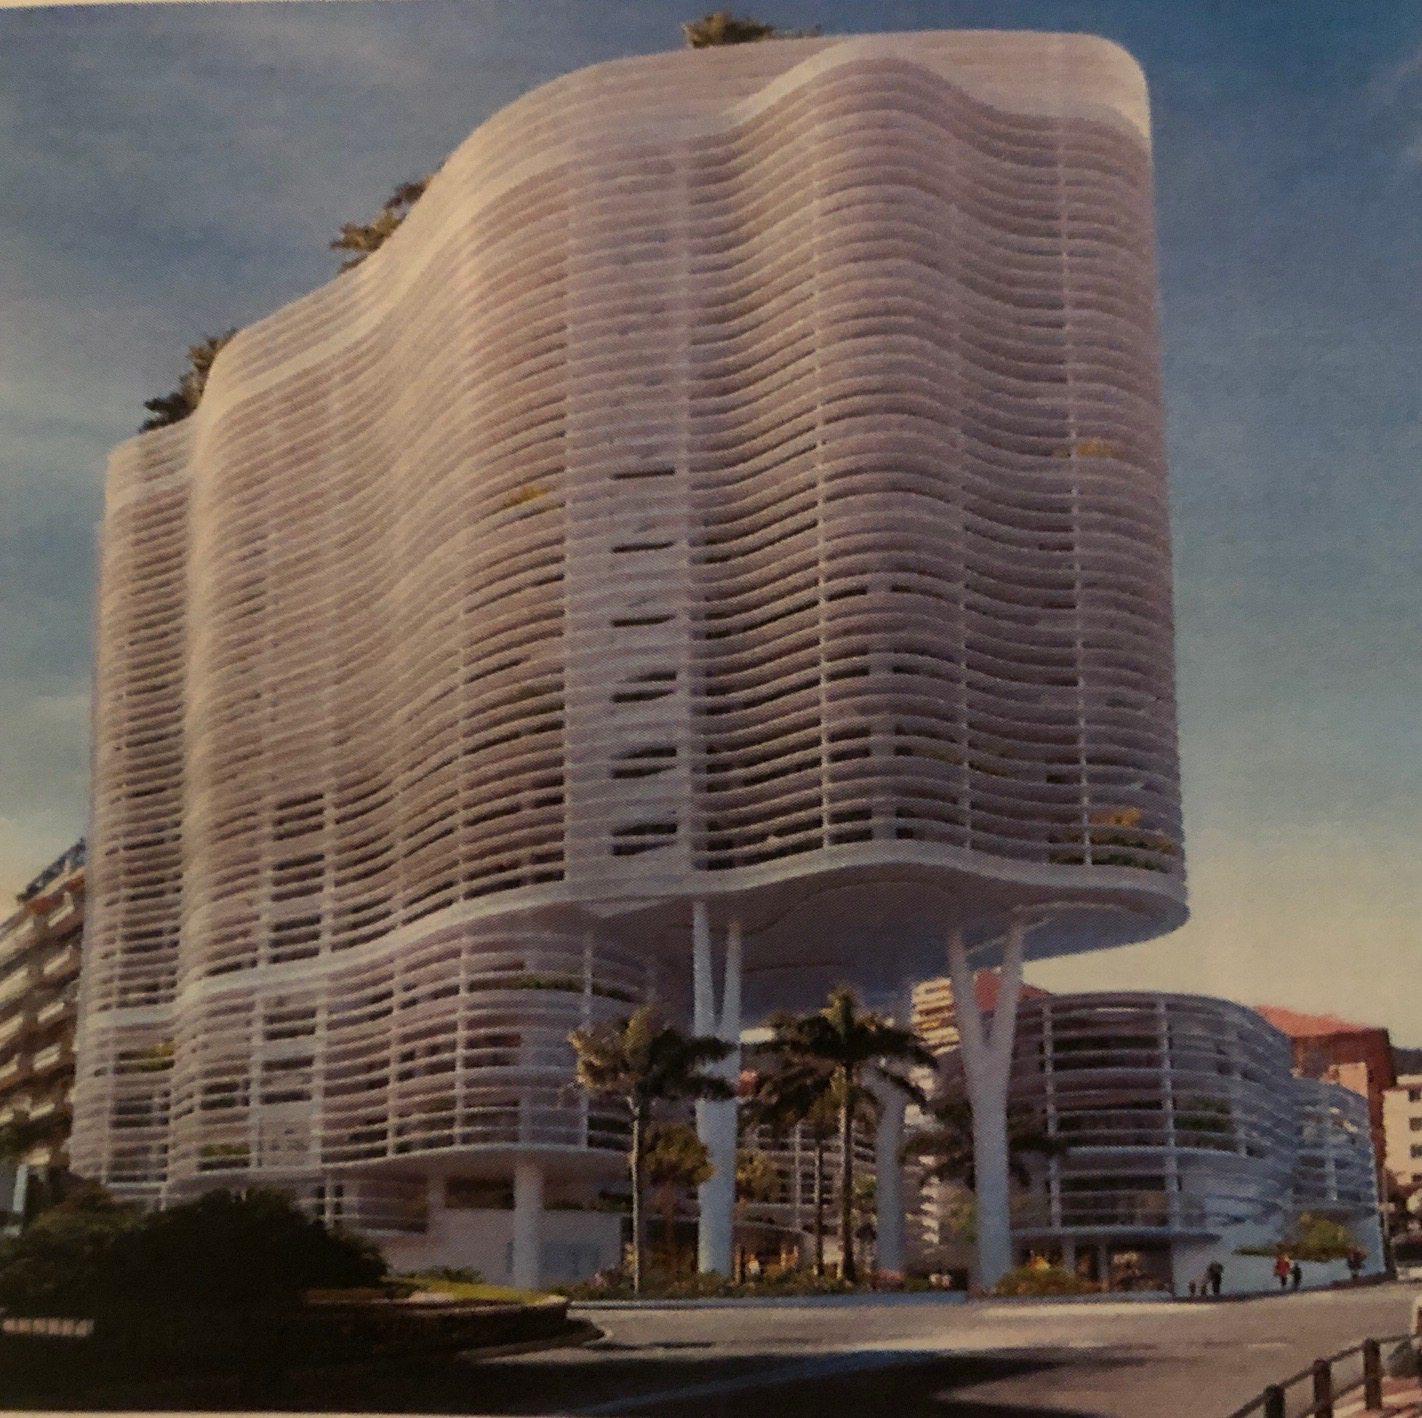 Le palais honoria, tel qu'il sera livré début 2023.